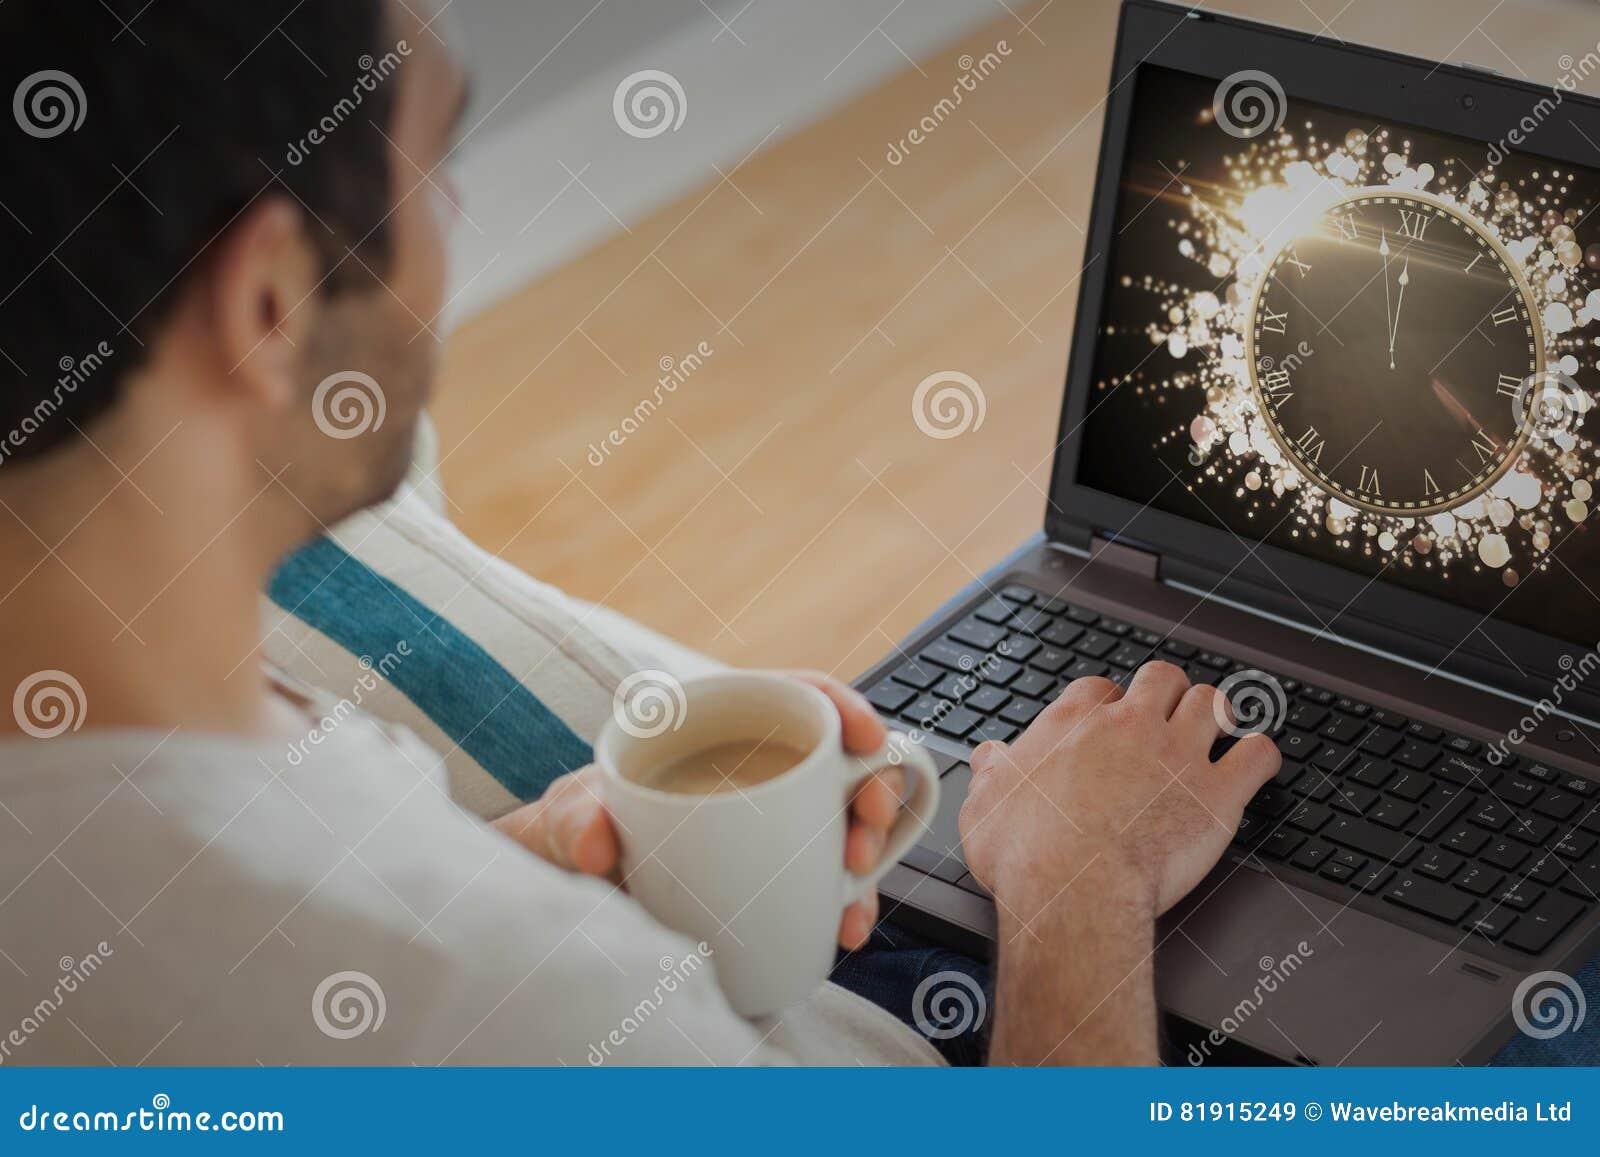 Imagen compuesta del hombre que usa el ordenador portátil